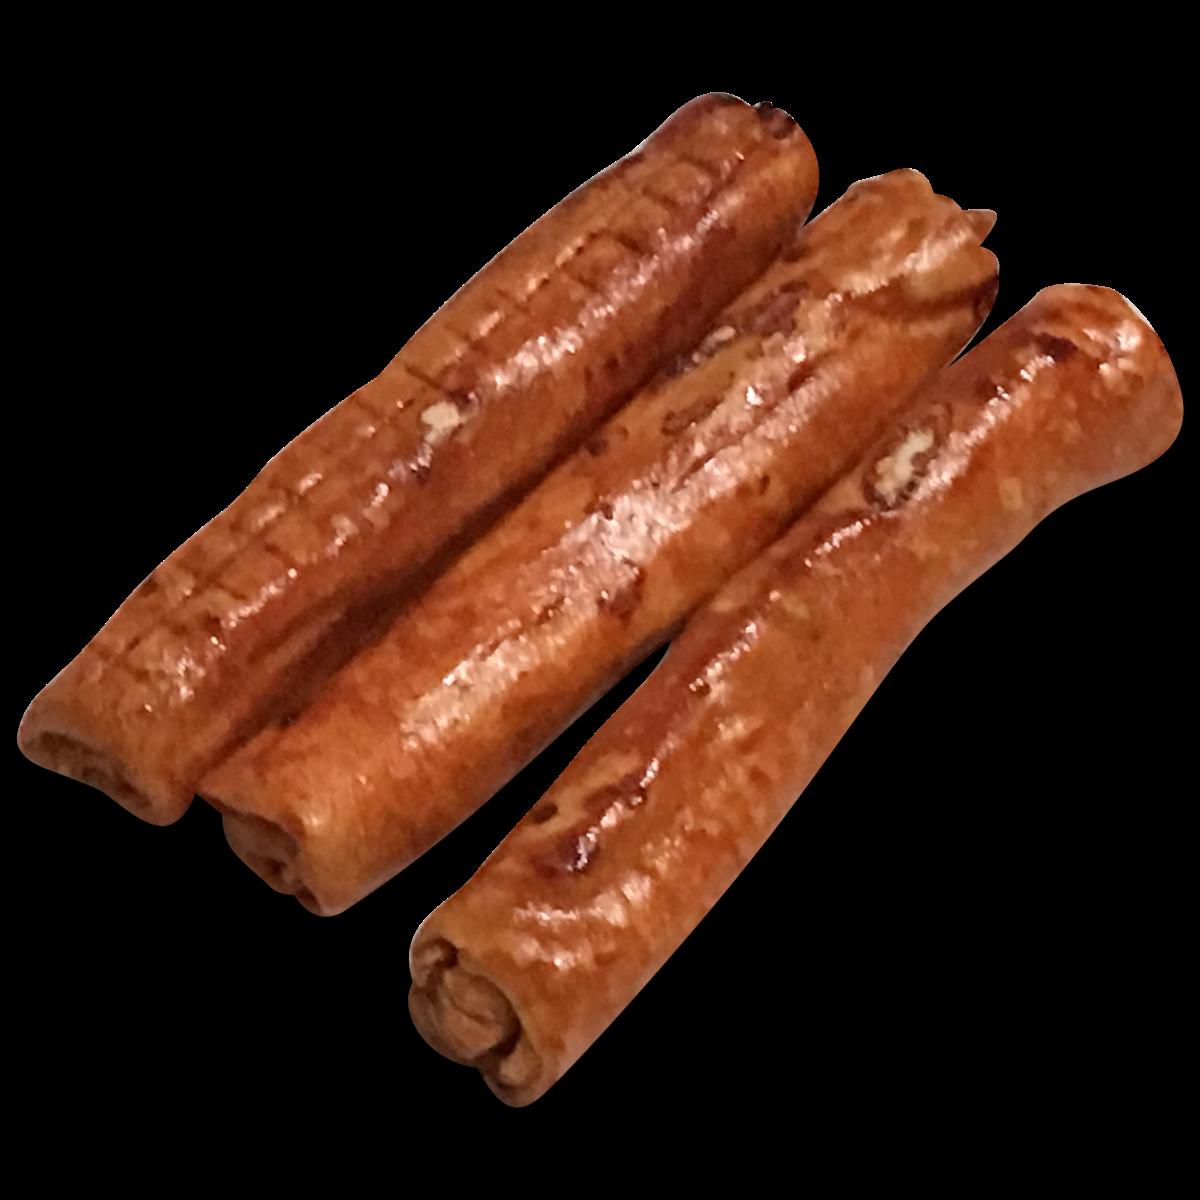 Voordeelverpakking per 3 stuks. Knoopkluiven zijn natuurlijke en hoogwaardige kauwkluiven.  Geen toevoegingen, zuiver natuurlijk product Ongelooide binnenste huidlaag van runderen (Rawhide) Voor lang kauwplezier. Voor een schoon gebit en ter voorkoming van tandplak. De natuurlijke tandenborstel van je hond. Volledig verteerbaar.